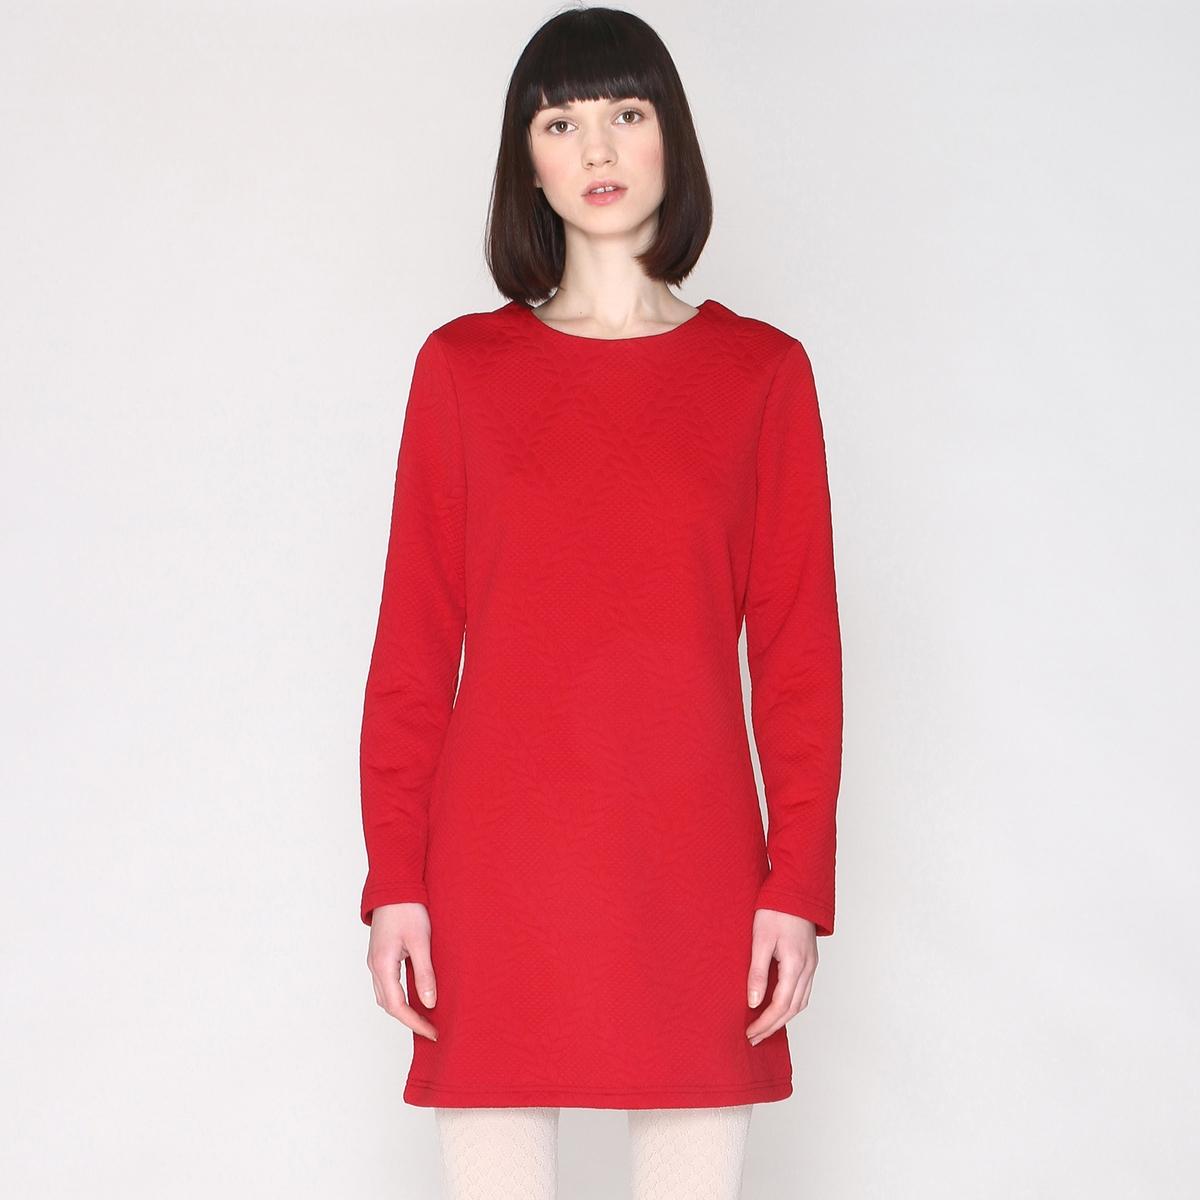 Платье прямое в стиле свитшота с длинными рукавамиПрямое платье с длинными рукавами, в стиле свитшота, Pepaloves.Да здравствует эта великолепная испанская марка, соблюдающая этические нормы, обеспечивающая достойные условия труда и заботящаяся о животных, которая создала жизнерадостную, женственную, новаторскую и модную коллекцию!Что подтверждает это прямое платье под длинный свитшот с рельефным узором, современное и удобное ! Состав и описаниеМатериал :  100% полиэстера.Марка : PepalovesЗастежка : на молнию сзади<br><br>Цвет: красный<br>Размер: M